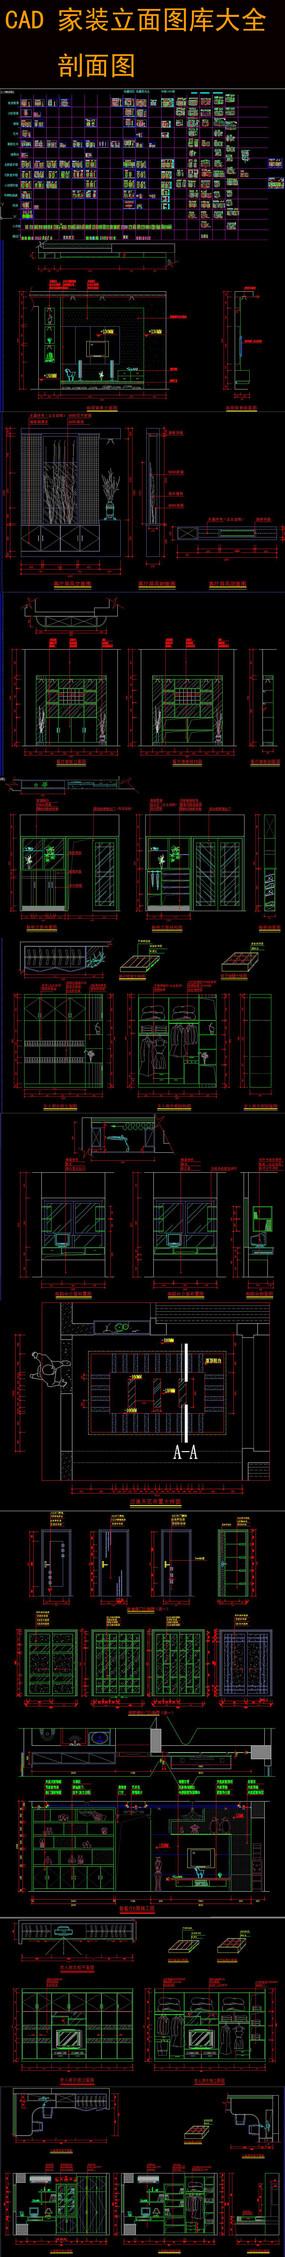 CAD家装立面图库衣柜电视墙